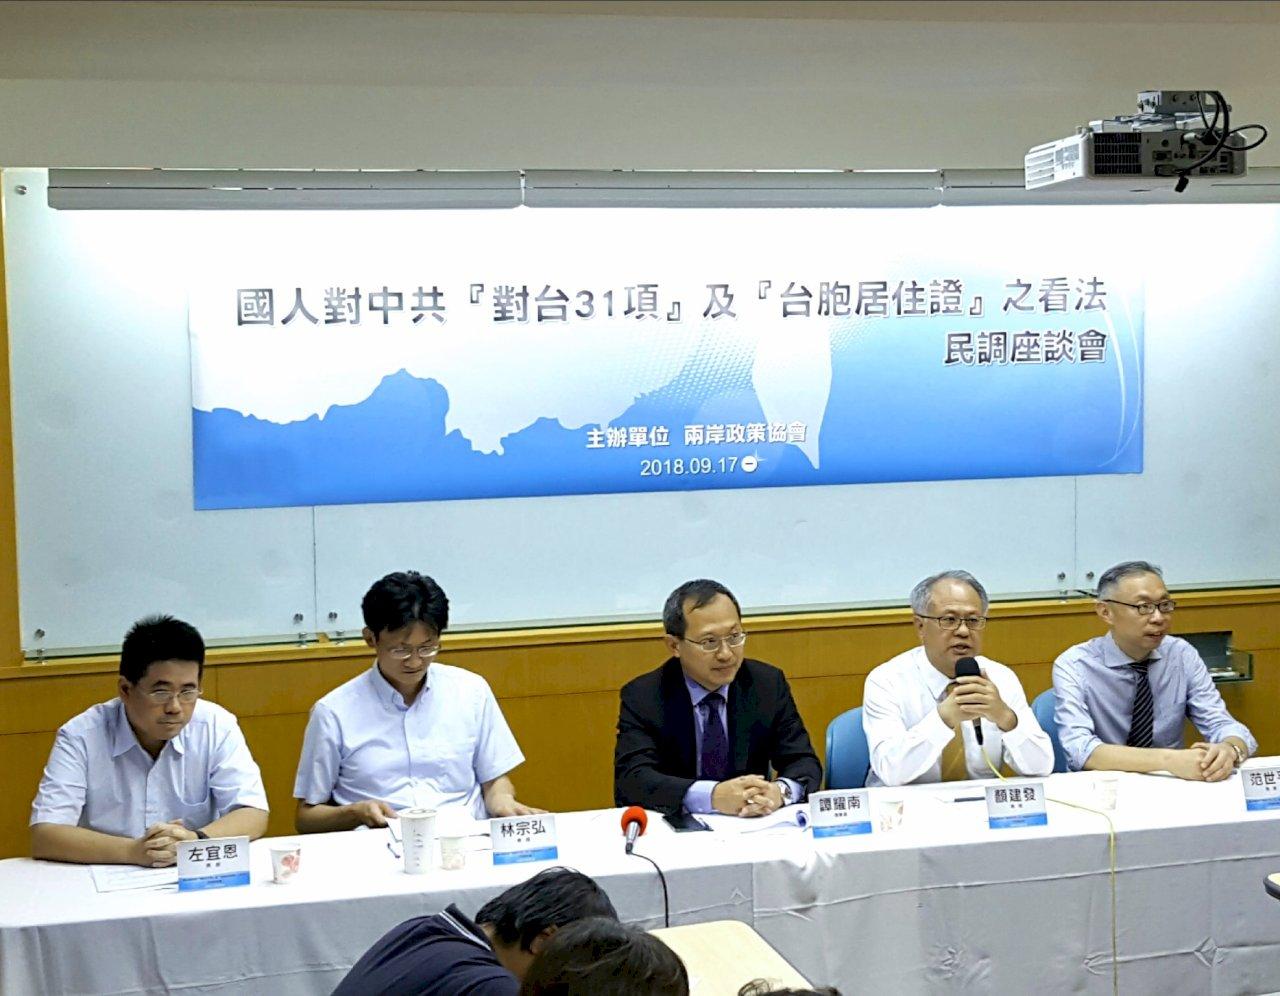 申領中國居住證 民調:6成支持申報與管制